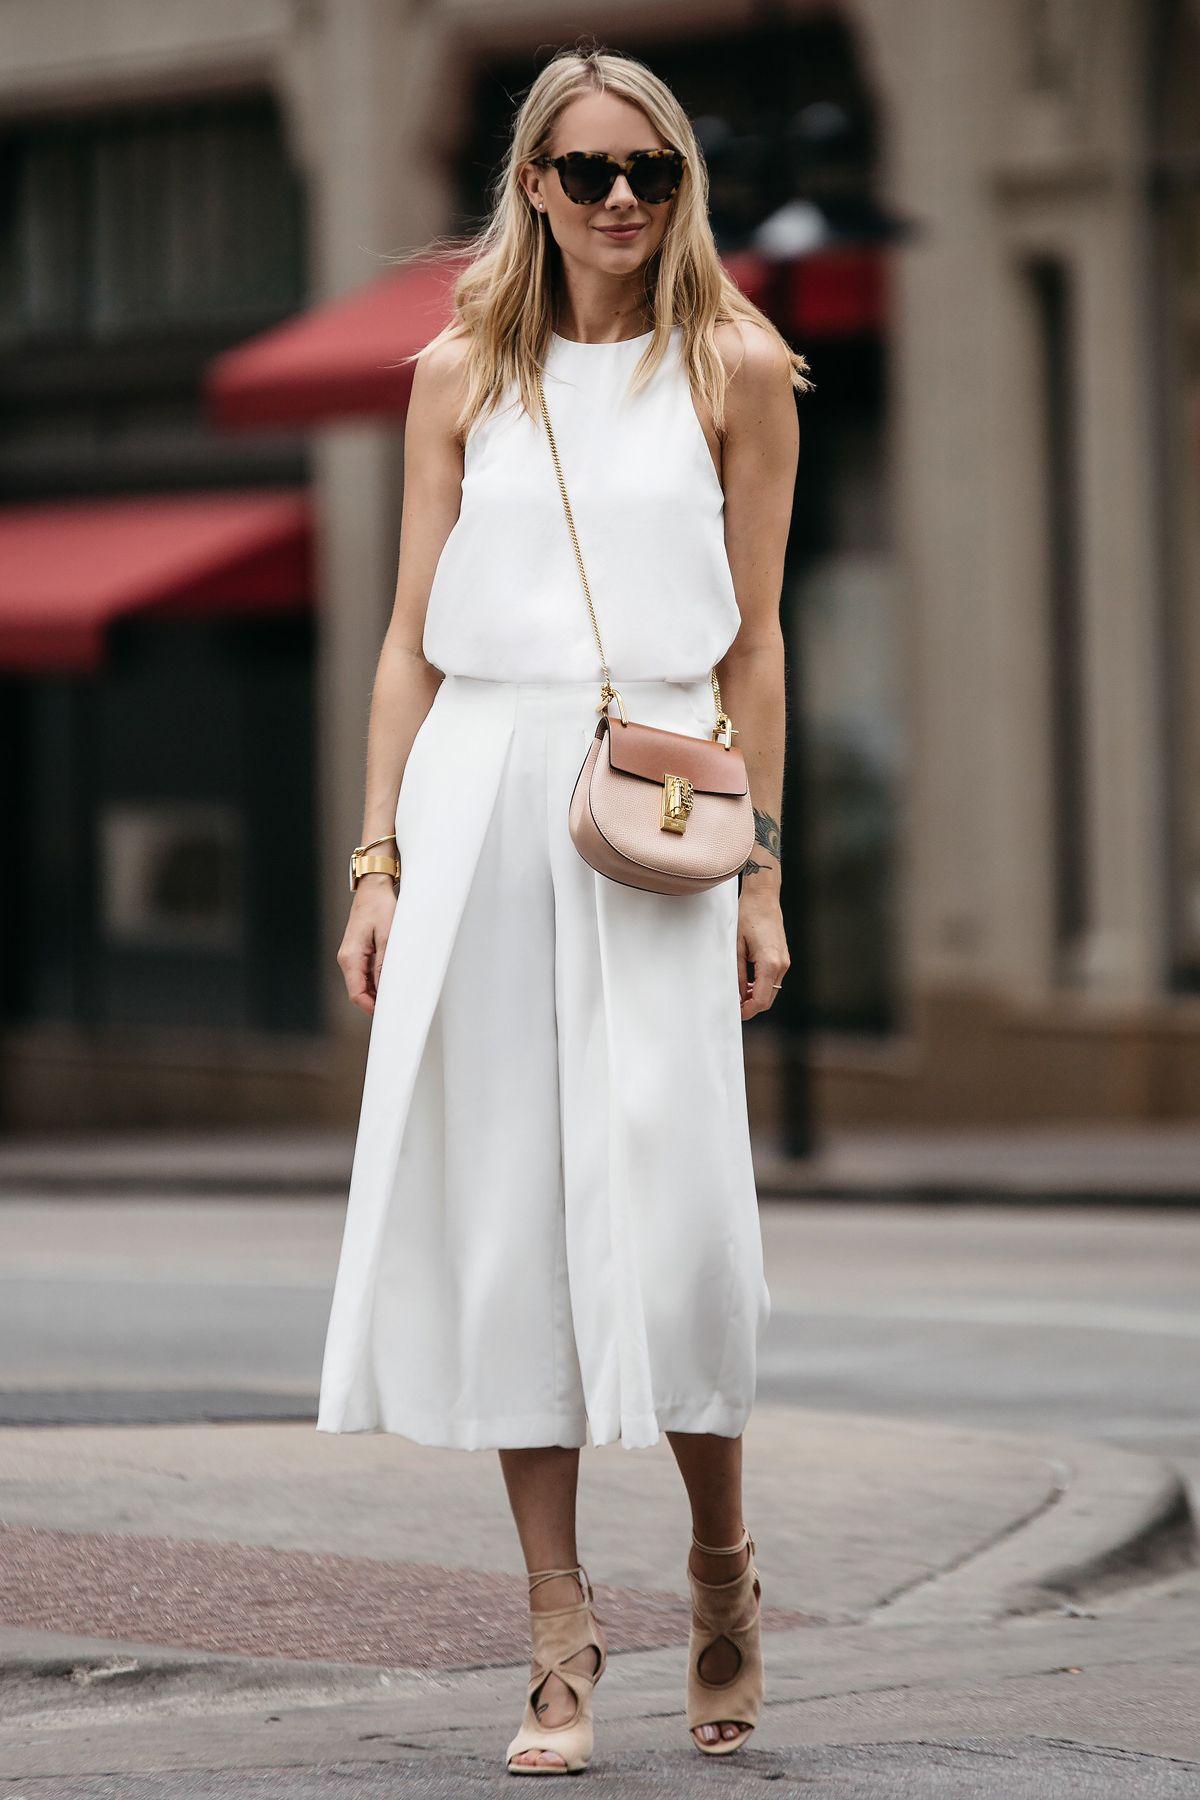 Model Celana yang Membuat Kaki Terlihat Lebih Kecil